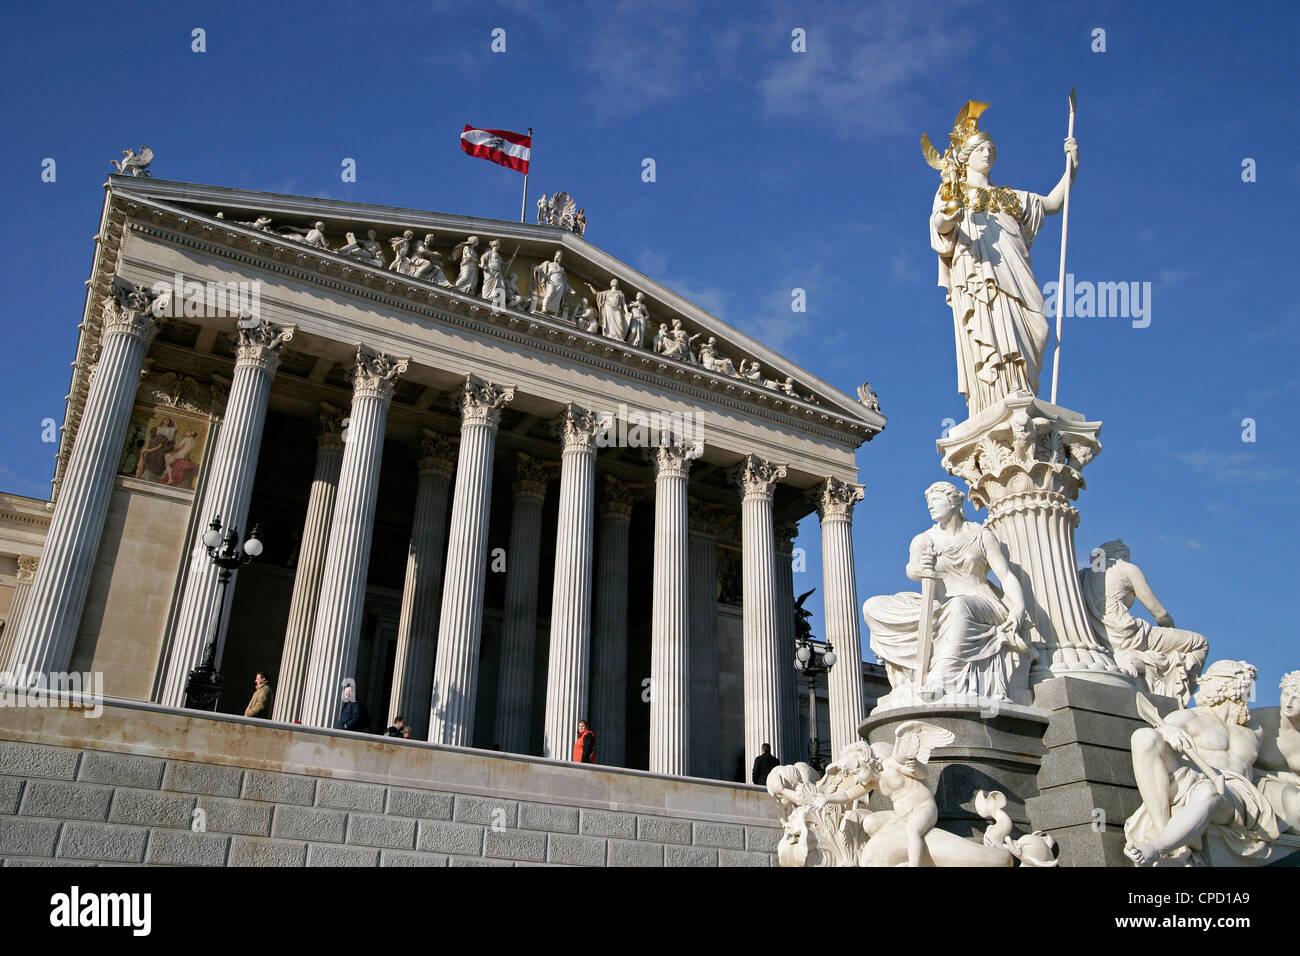 El Parlamento de Viena, Austria, Europa Imagen De Stock